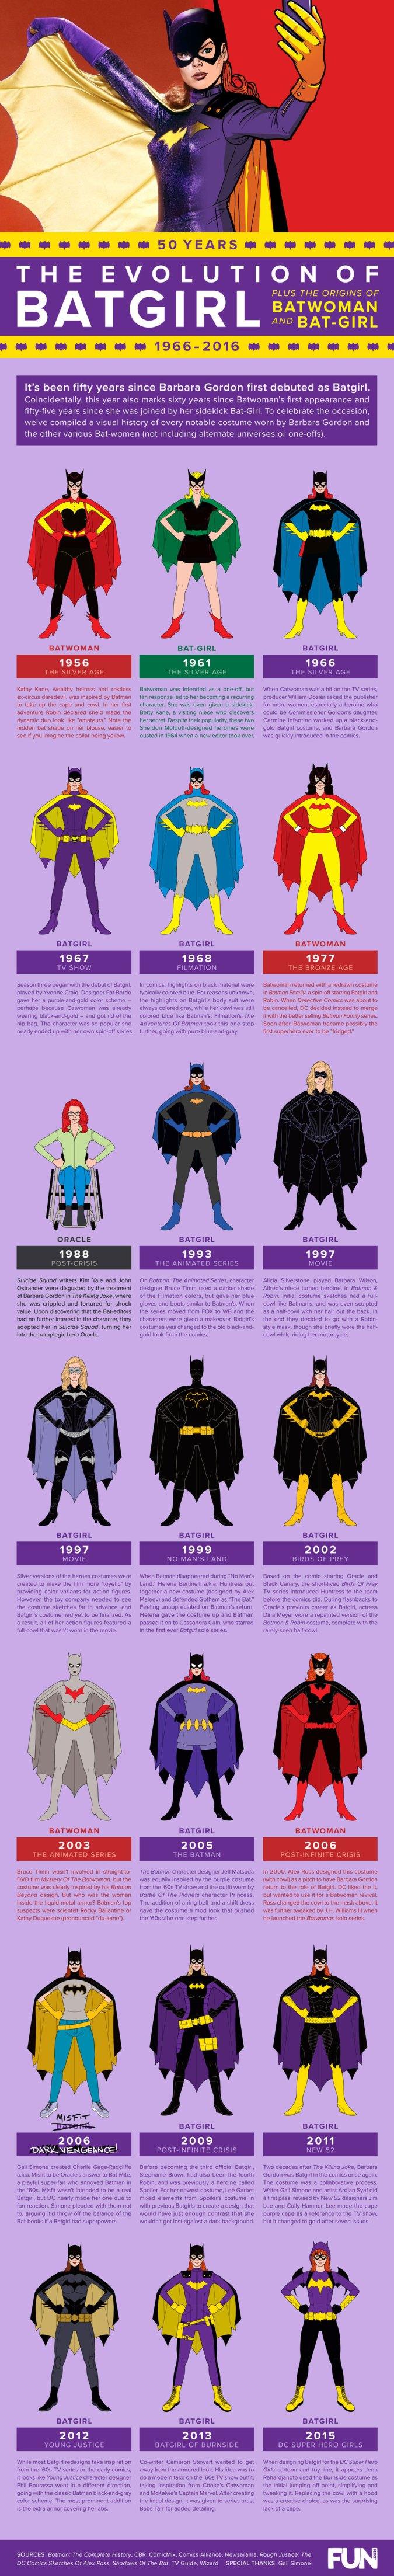 Batgirl's costume history